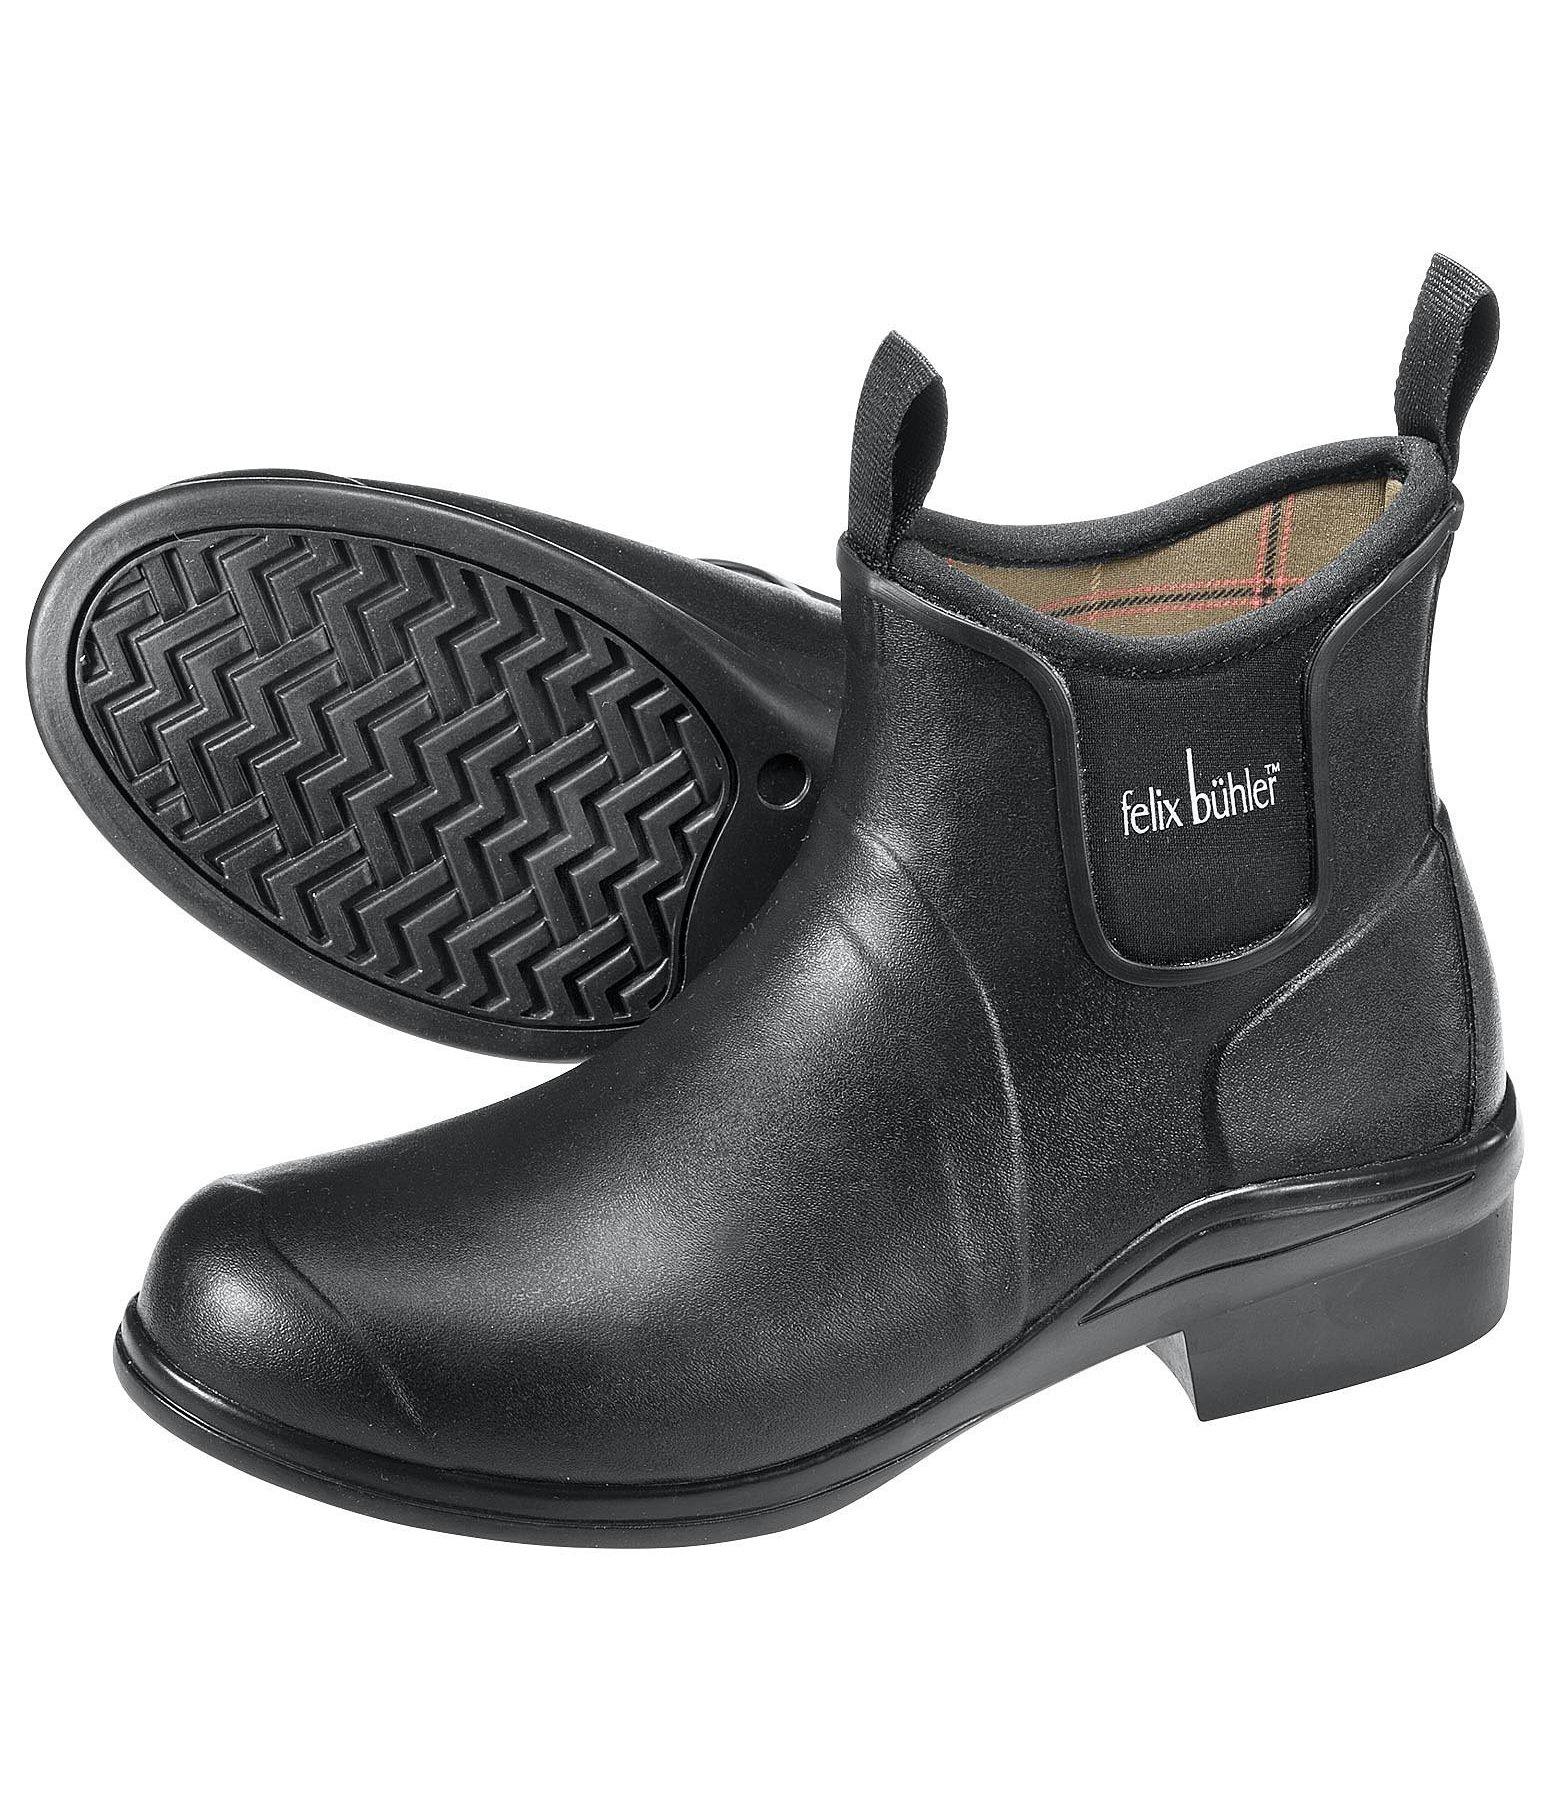 Chaussures d'écurie Field d'écurie Worker Chaussures qUVMSzp